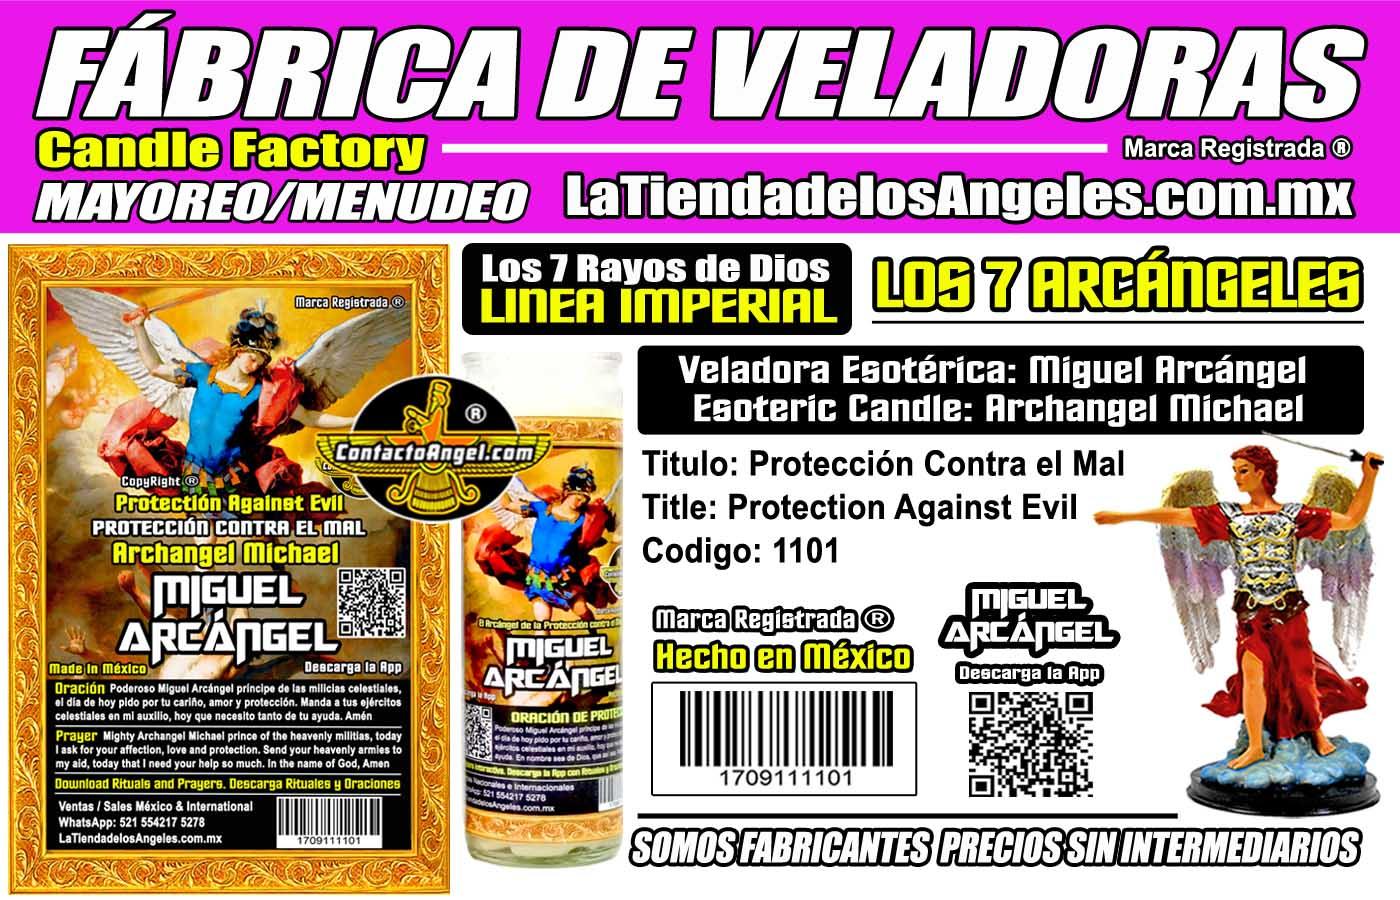 Fábrica de Veladoras Esotéricas CDMX Mayoreo - Miguel Arcángel Protección contra el Mal 1101 ID1